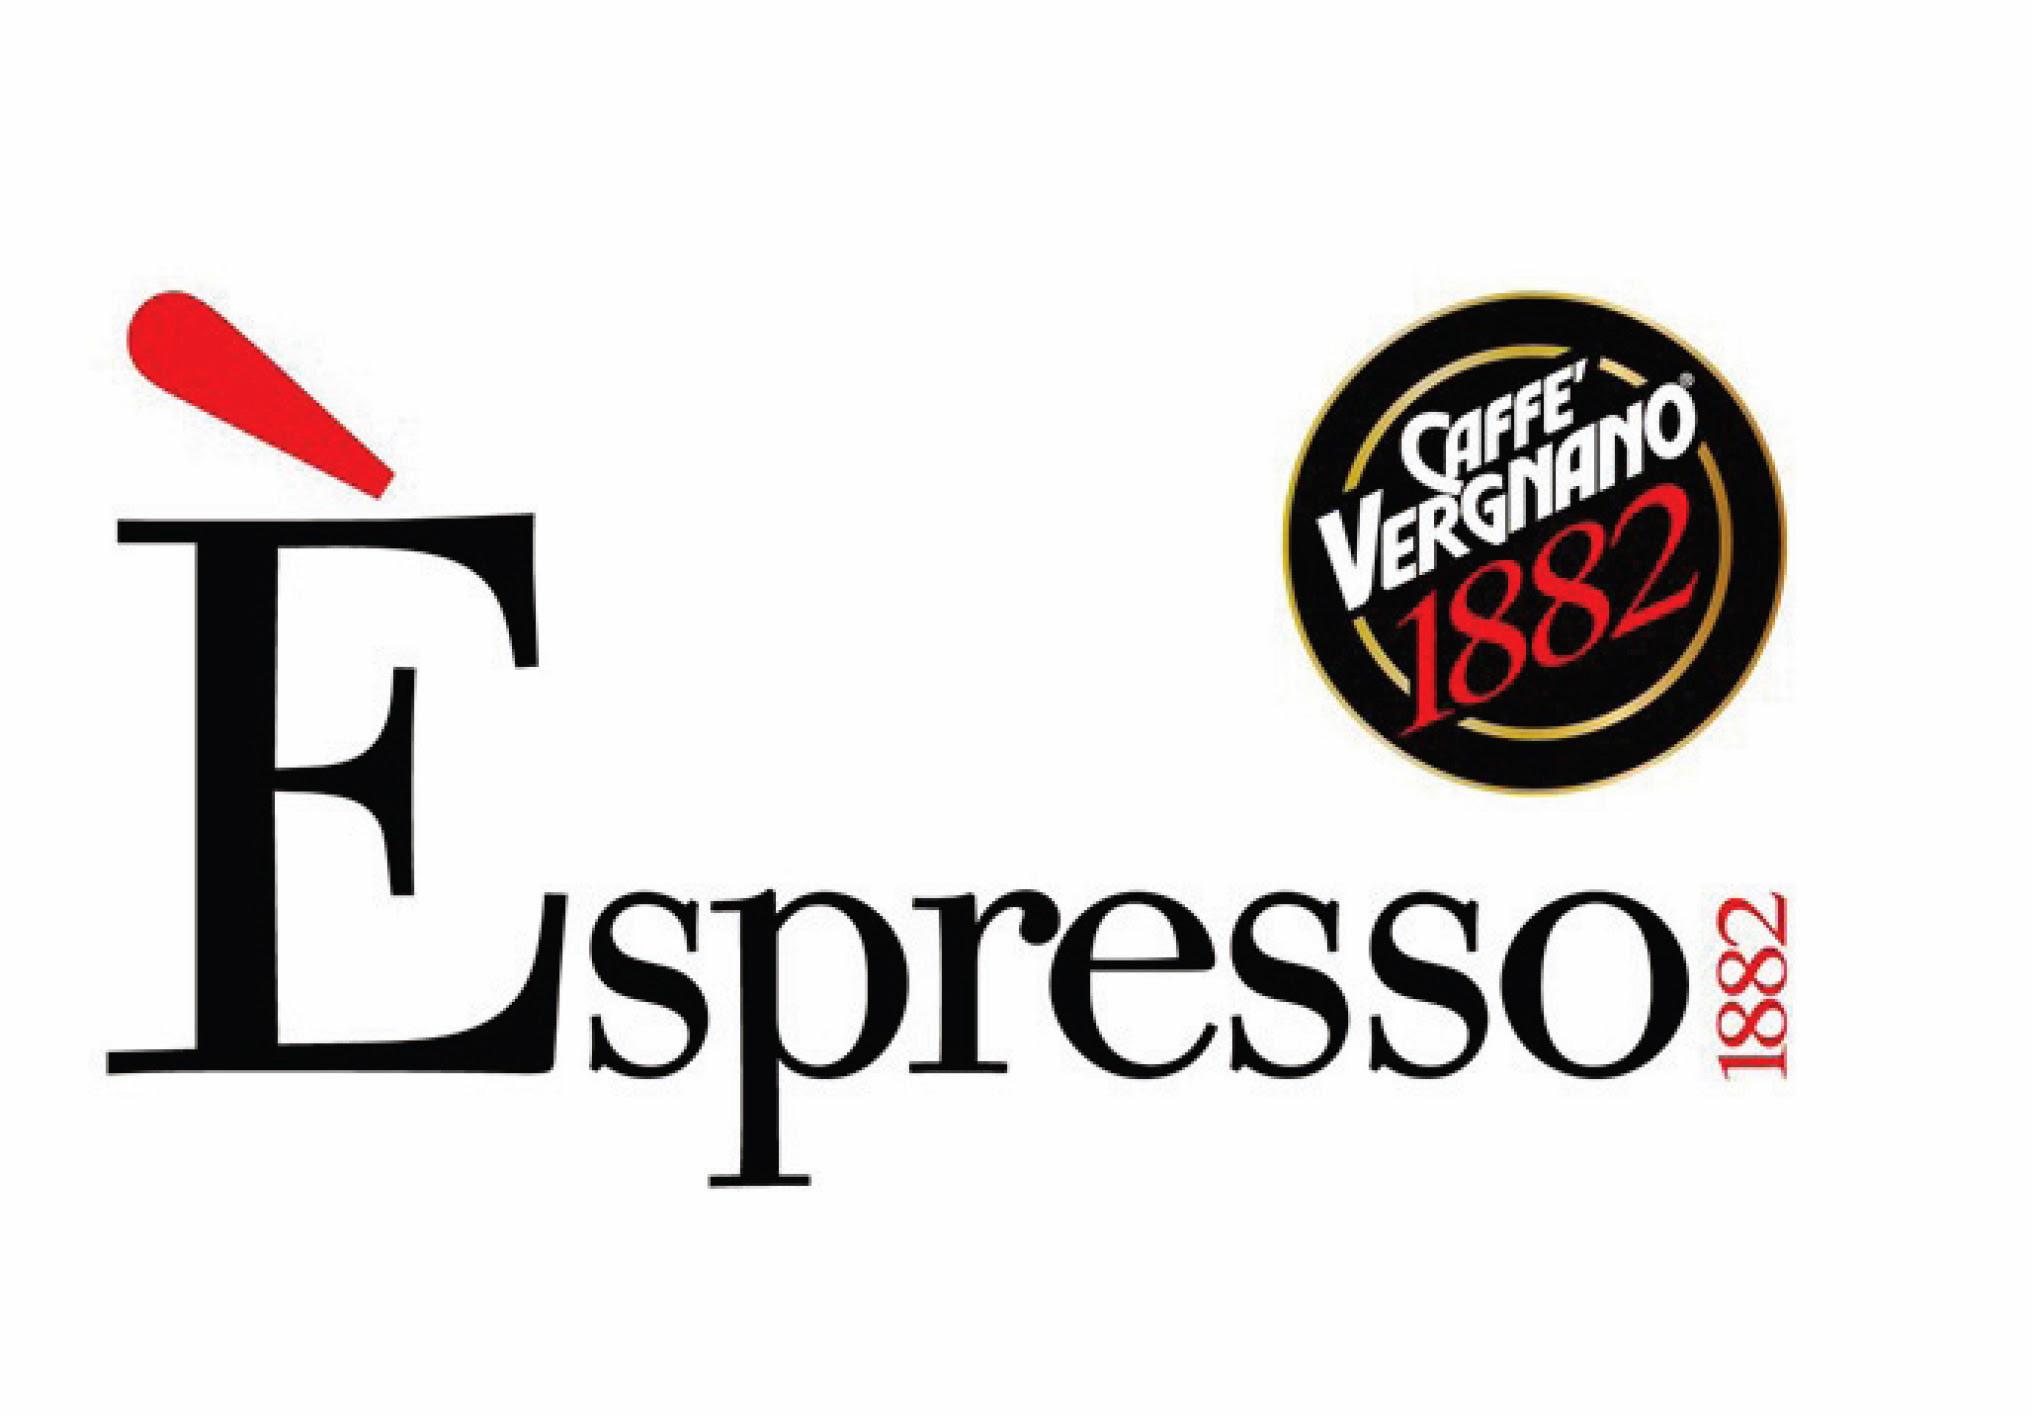 E'SPRESSO – CAFFE VERGNANO – BRANDING